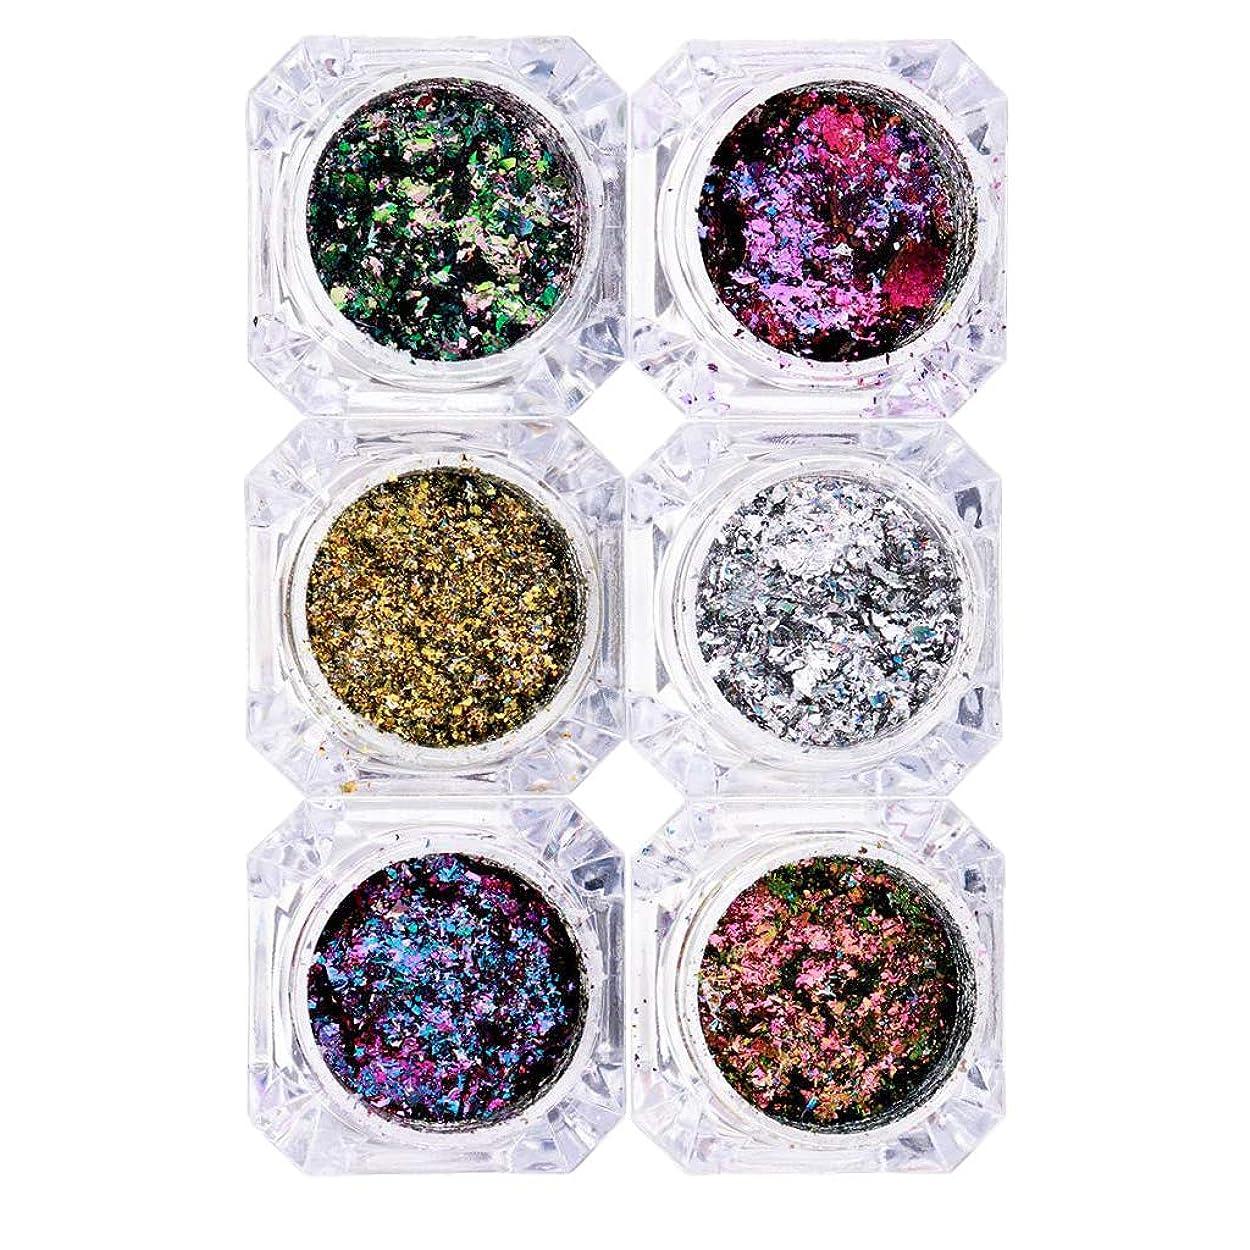 パキスタン人集中的な羊飼いP Prettyia 6箱 混合色 化粧 ネイルアート キラキラ装飾 スパンコール